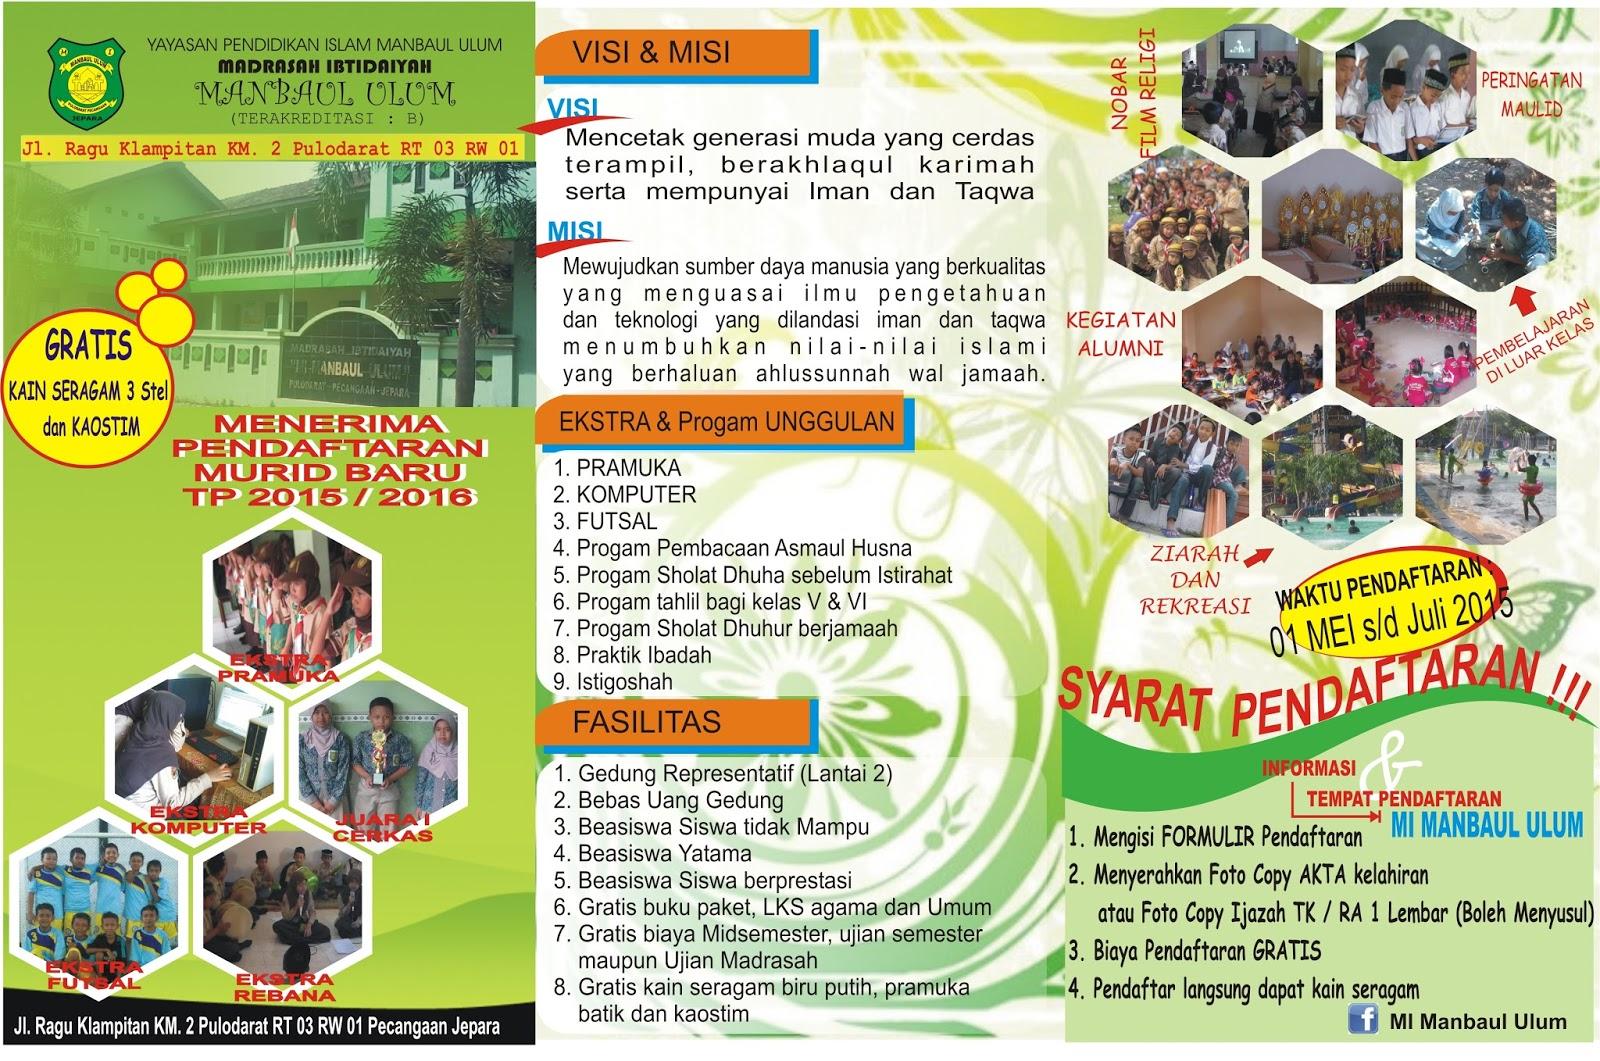 Madrasah Ibtidaiyah Manbaul Ulum Contoh Desain Brosur Penerimaan